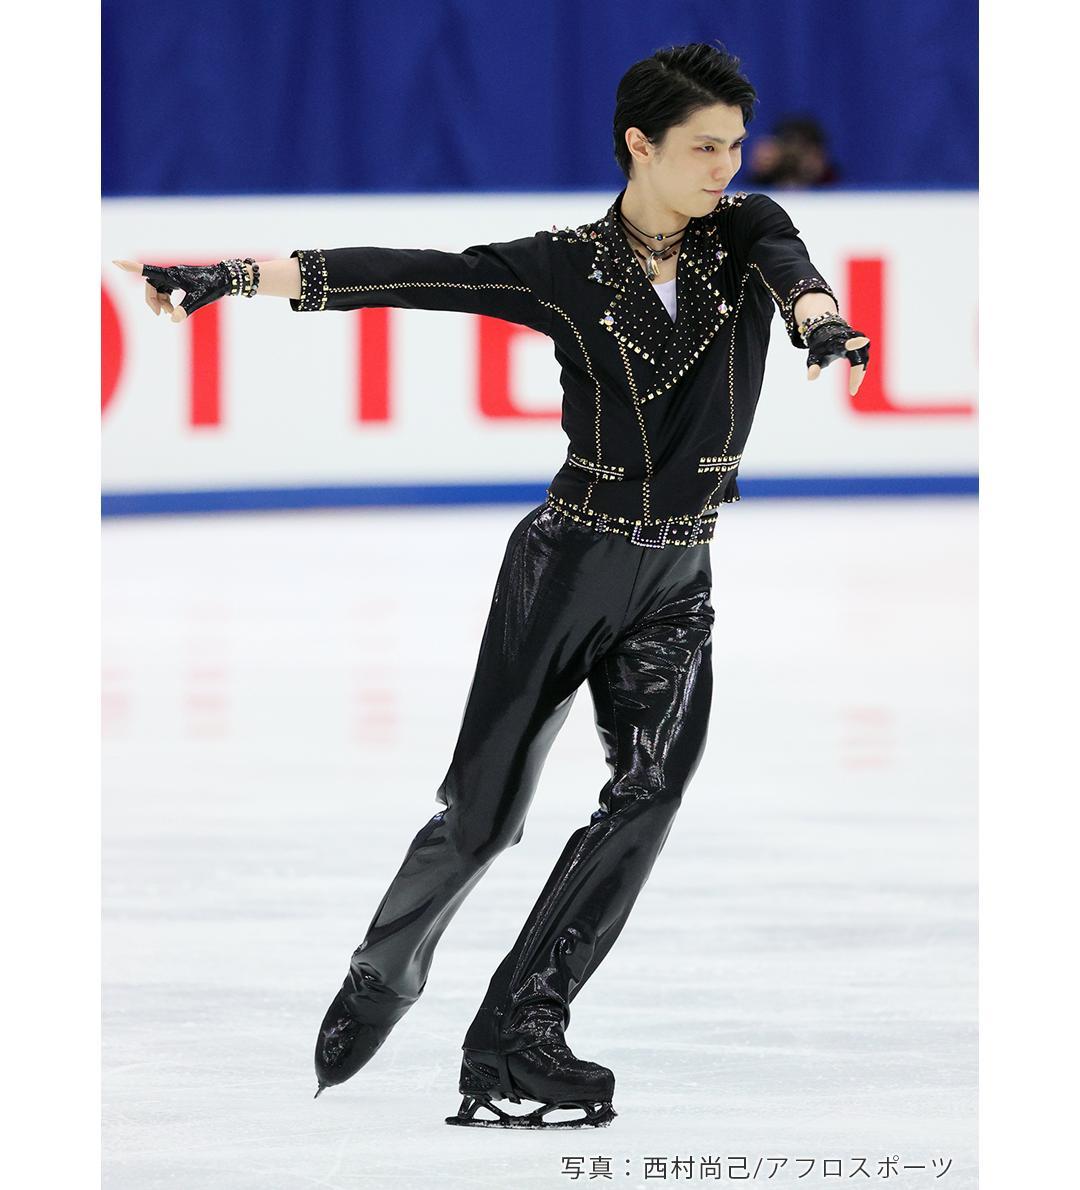 2020年全日本選手権でショートプログラム「Let Me Entertain You」を披露する羽生結弦選手